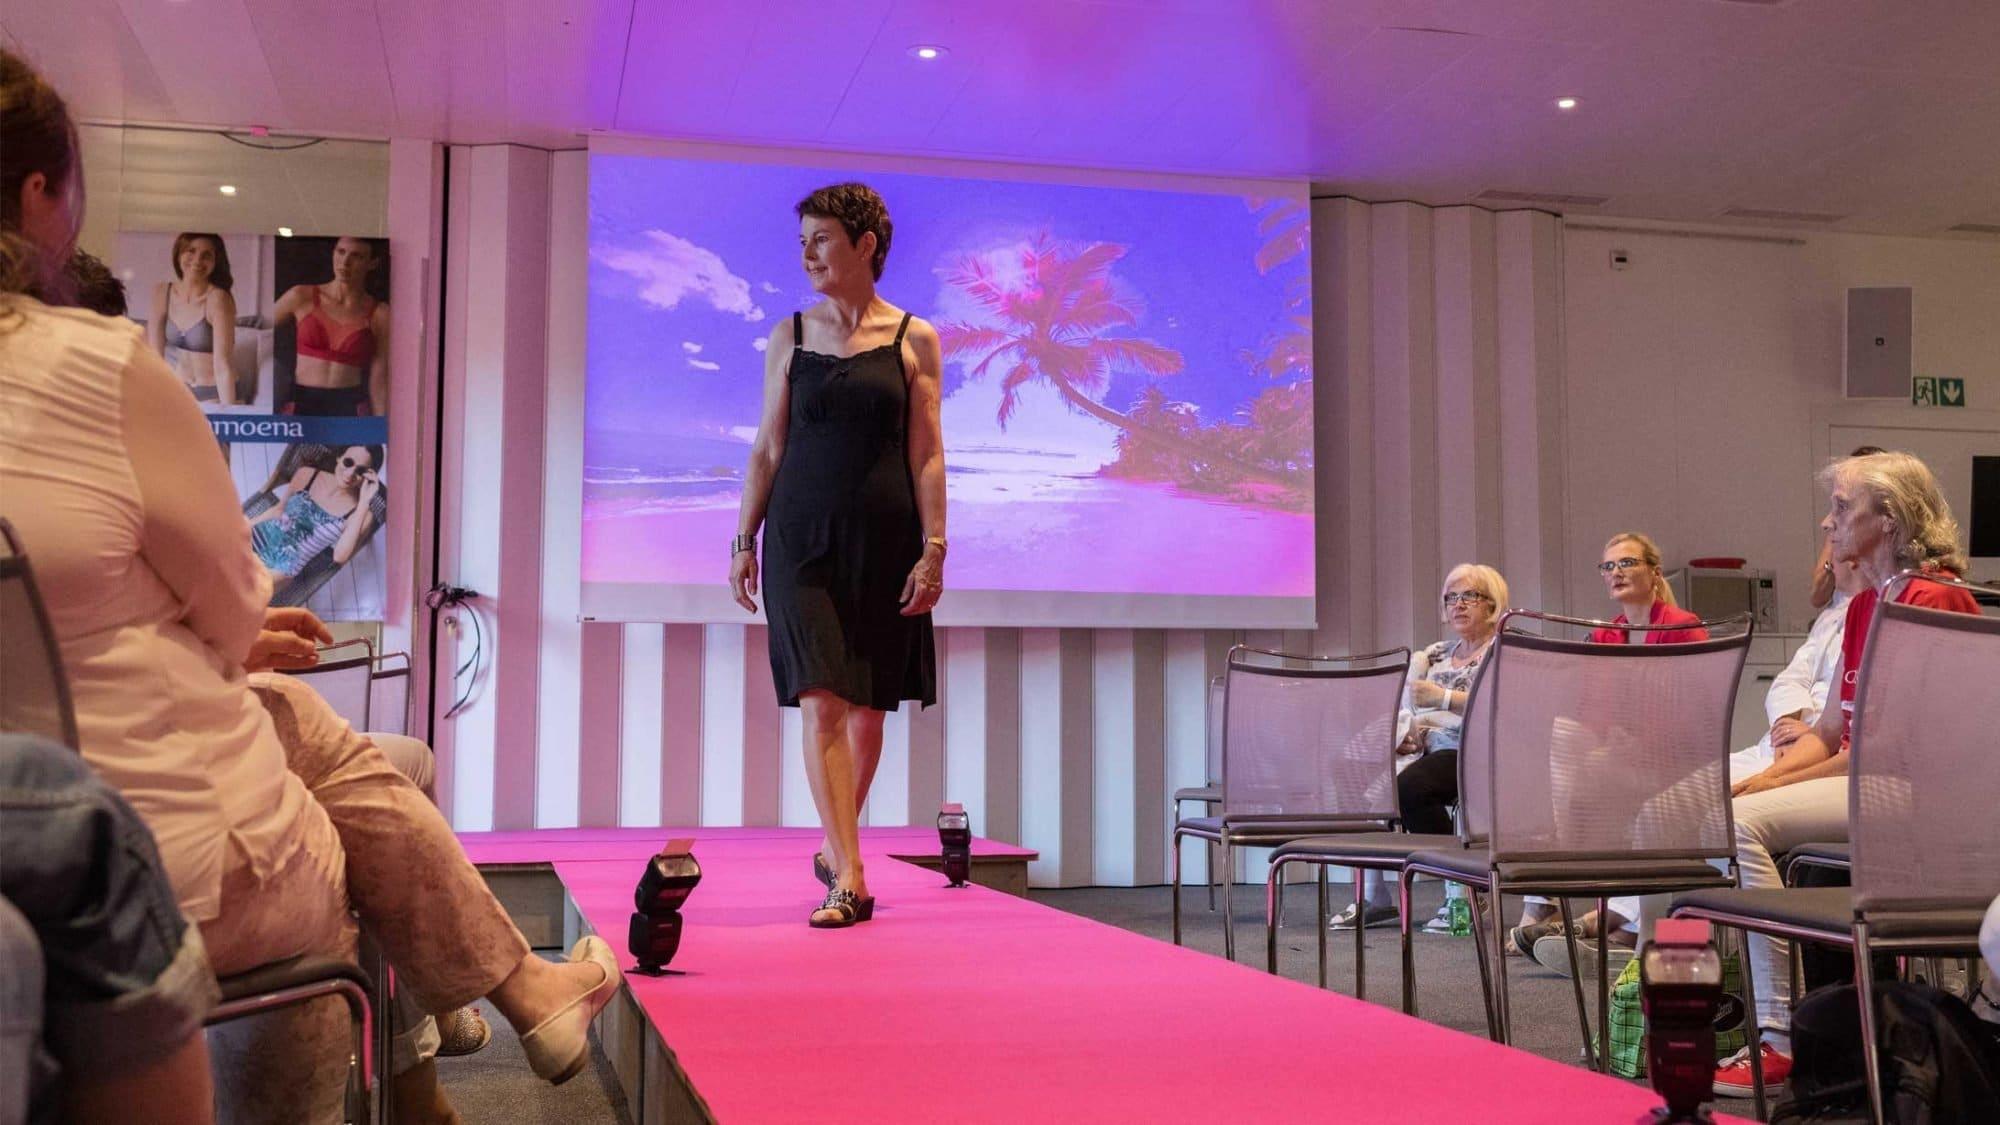 Vorschaubild zum Video über die Modenschau für Brustkrebspatientinnen im KS Baden